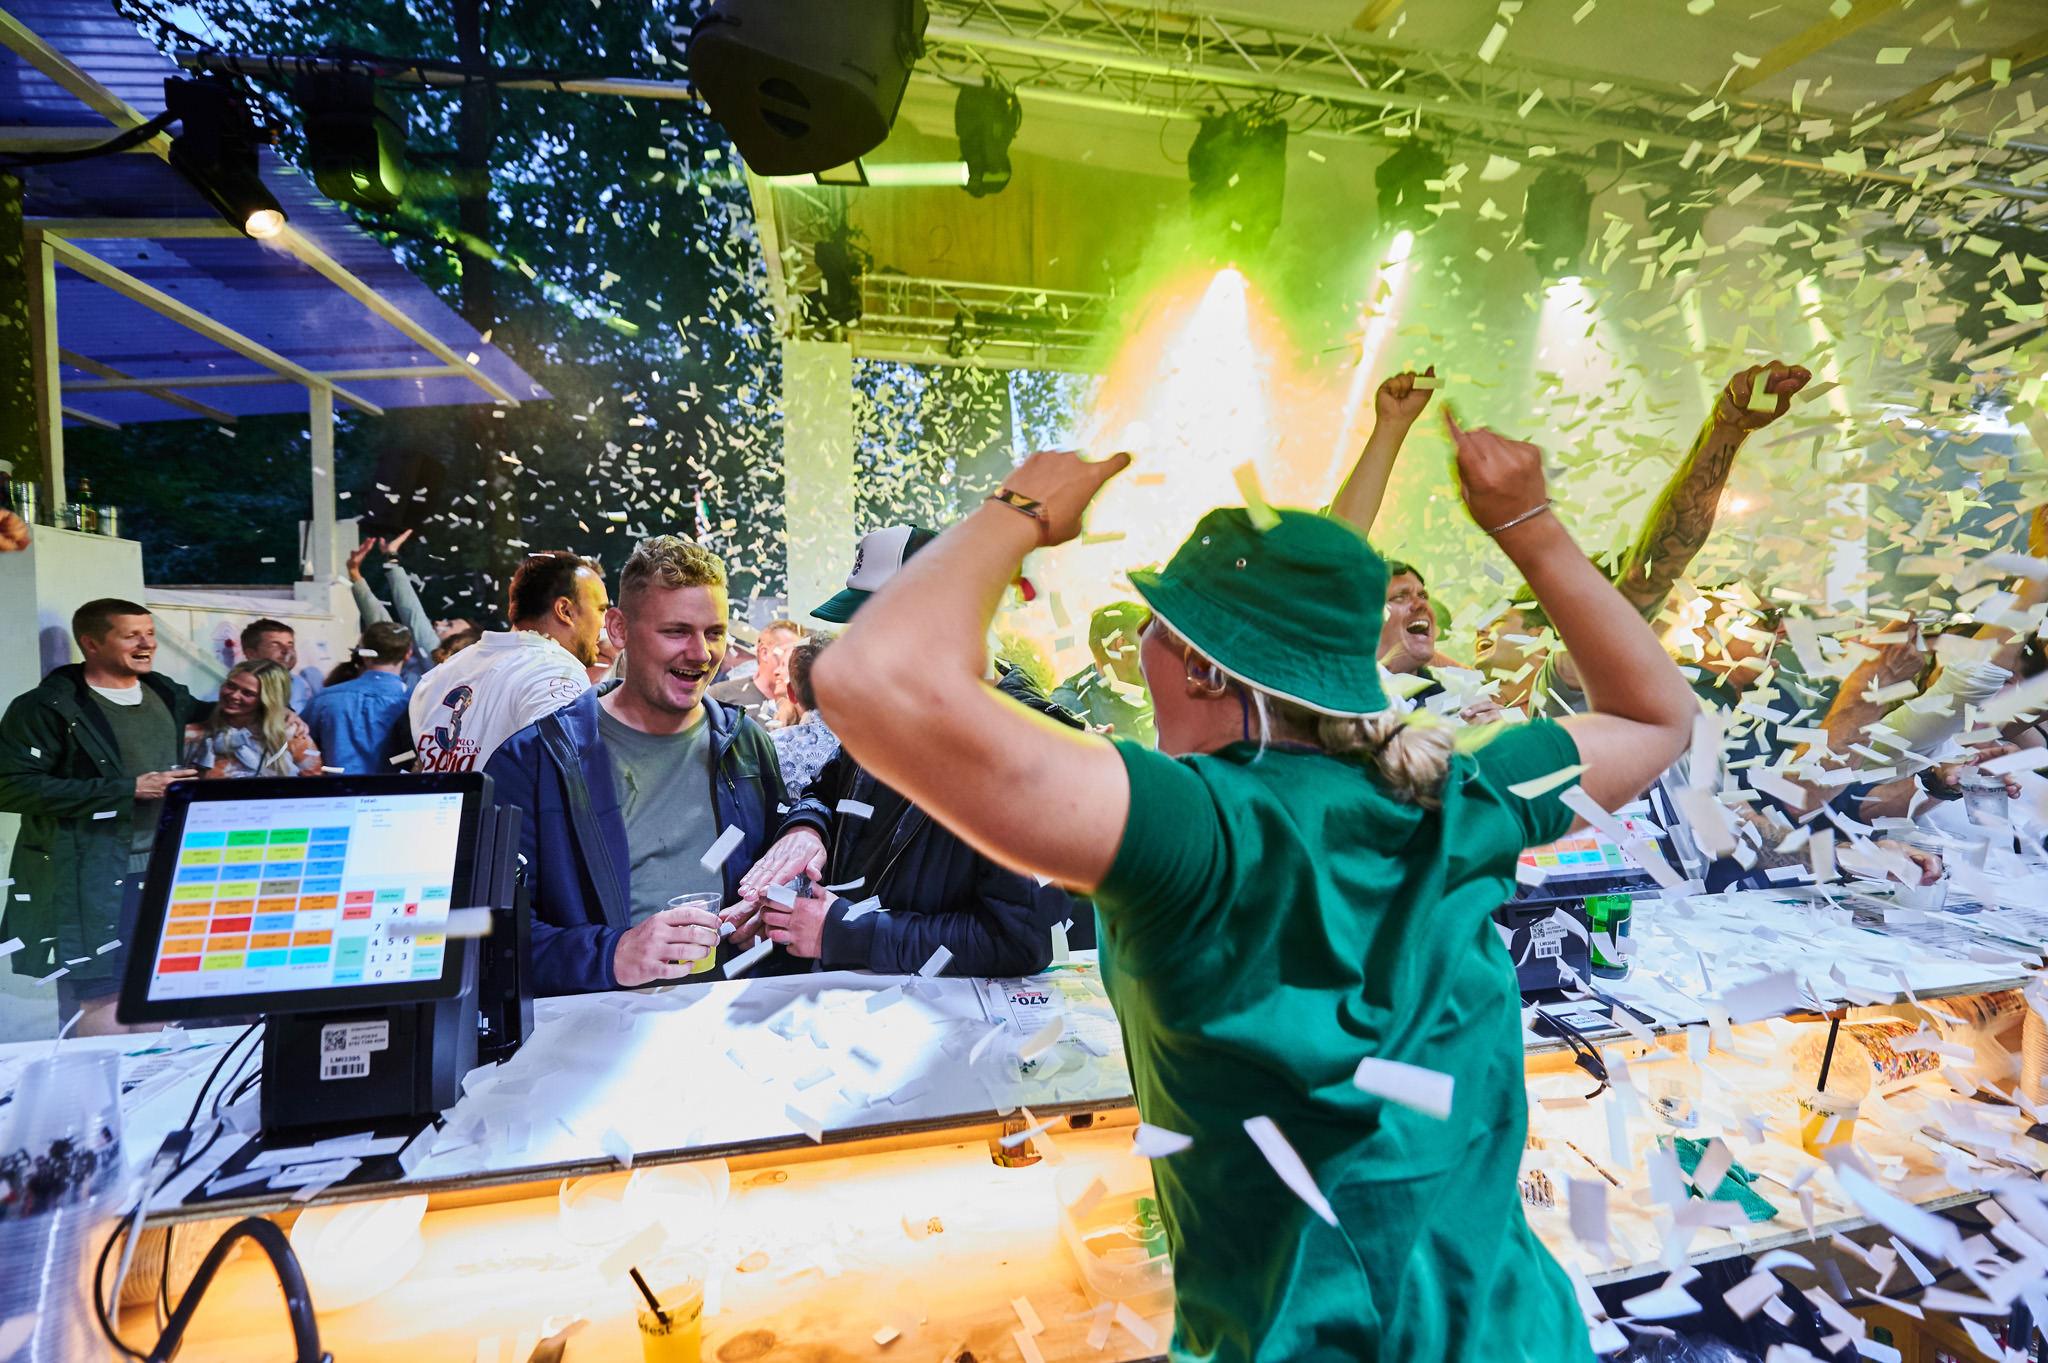 Danmarks bedste bar stemning - Fotograferet på Smukfest 2019